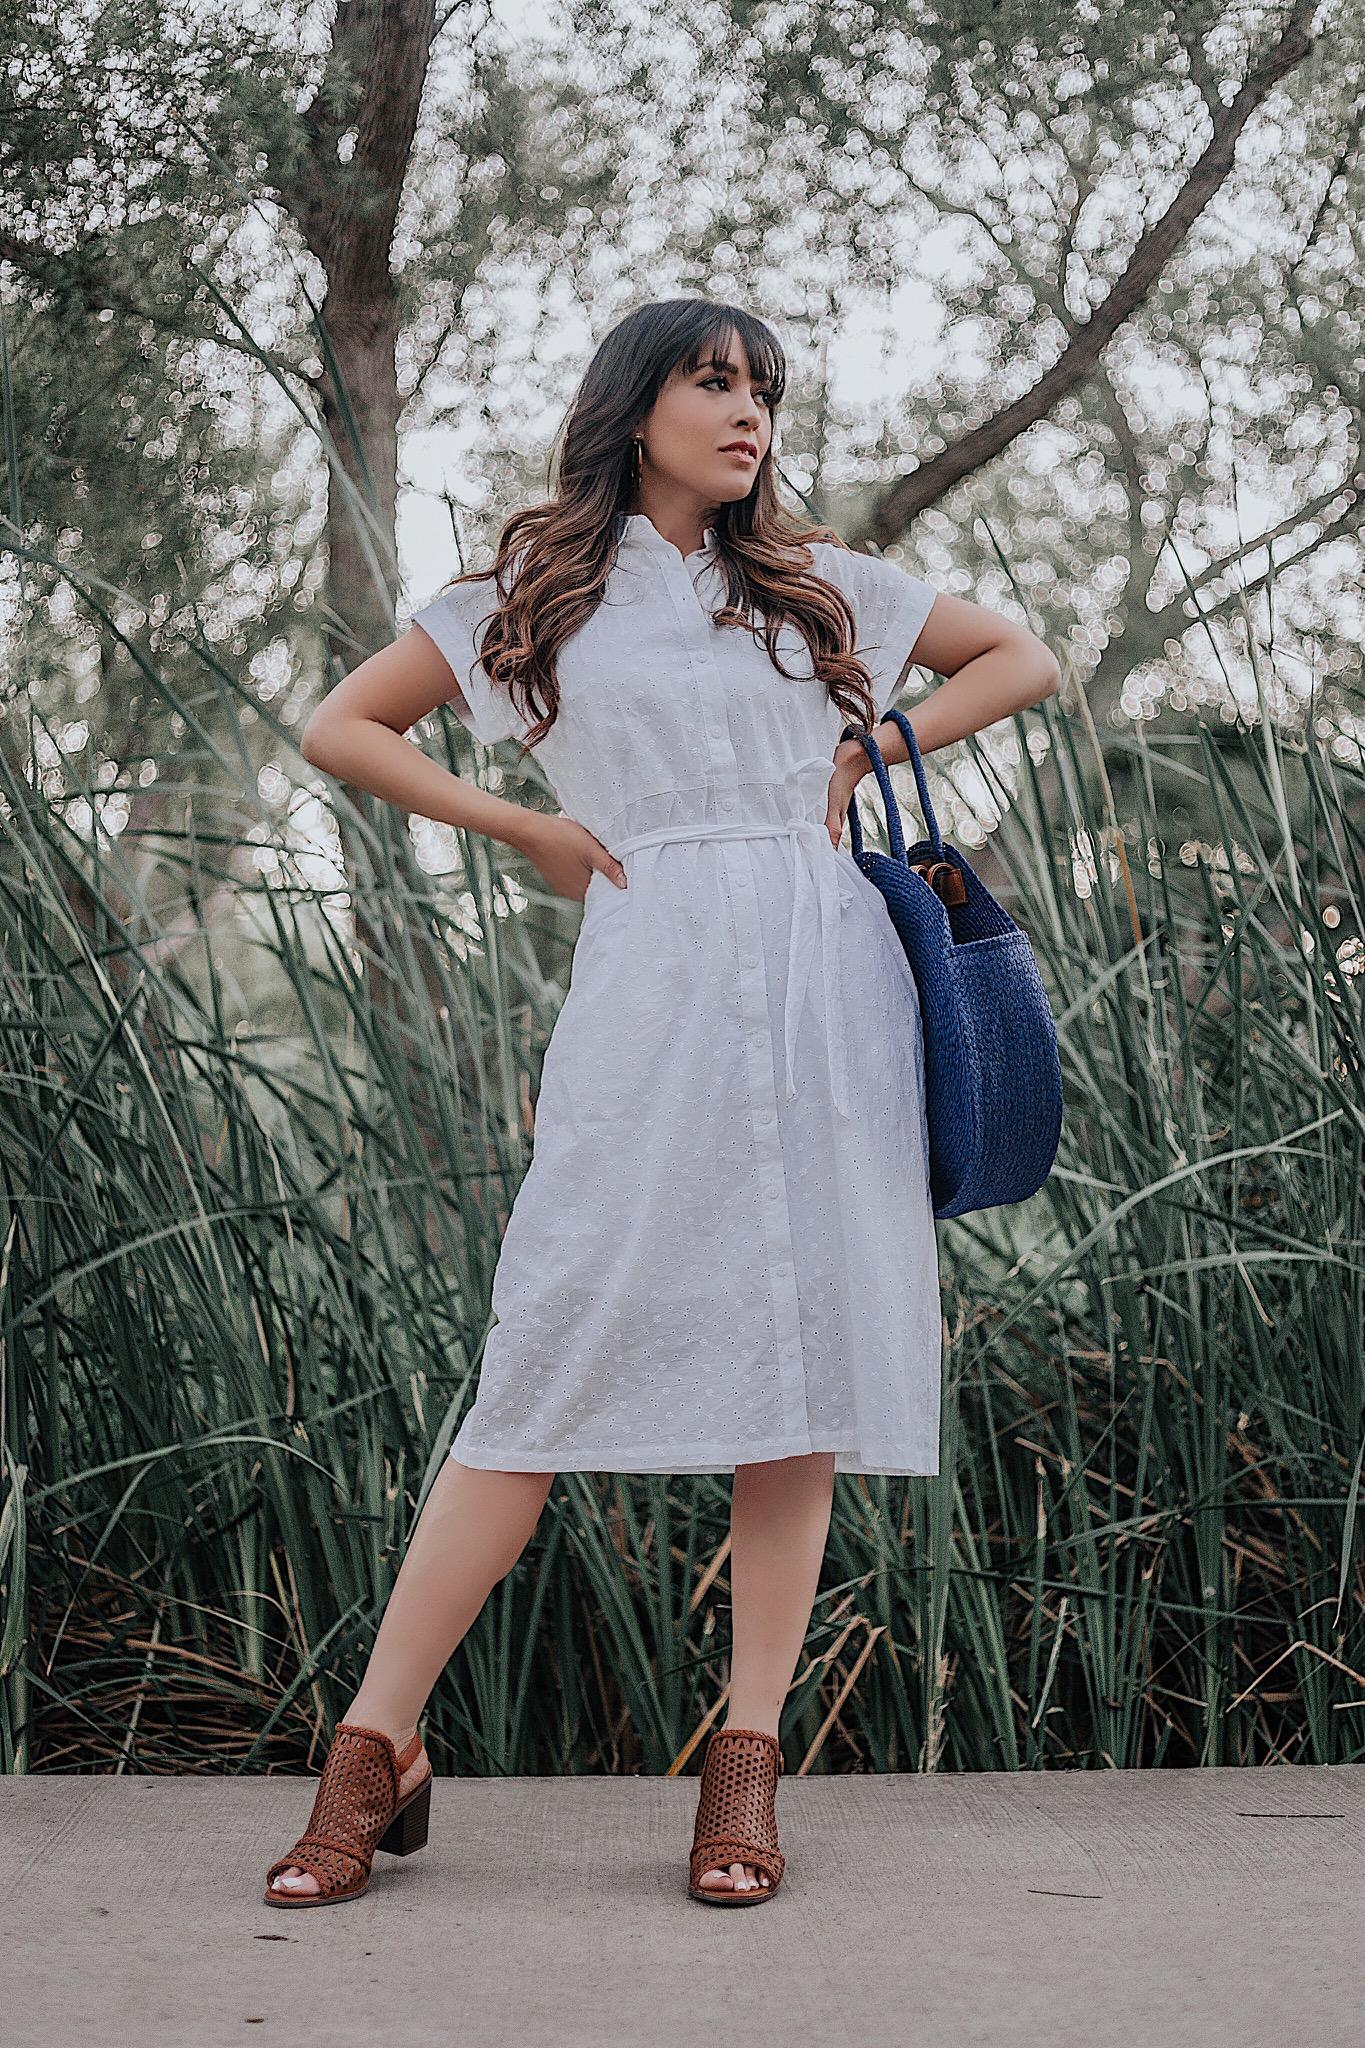 Walmart Fashion Spanglishfashion (3).JPG